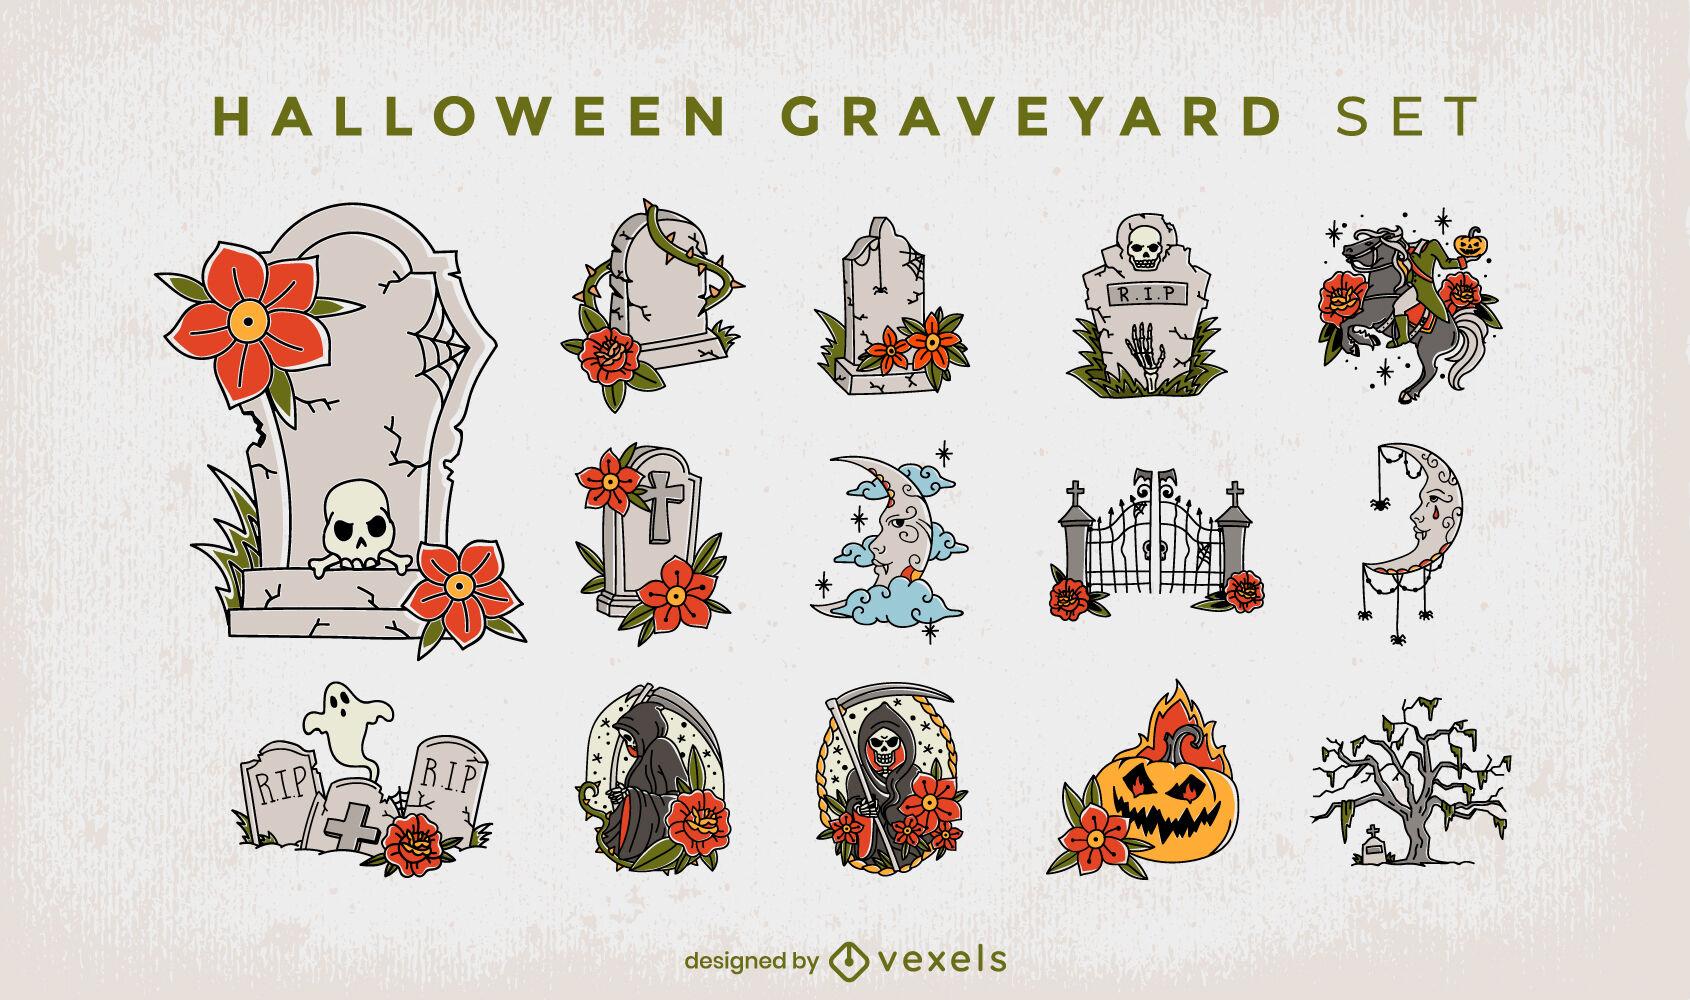 Conjunto de feriado assustador do Dia das Bruxas do cemitério